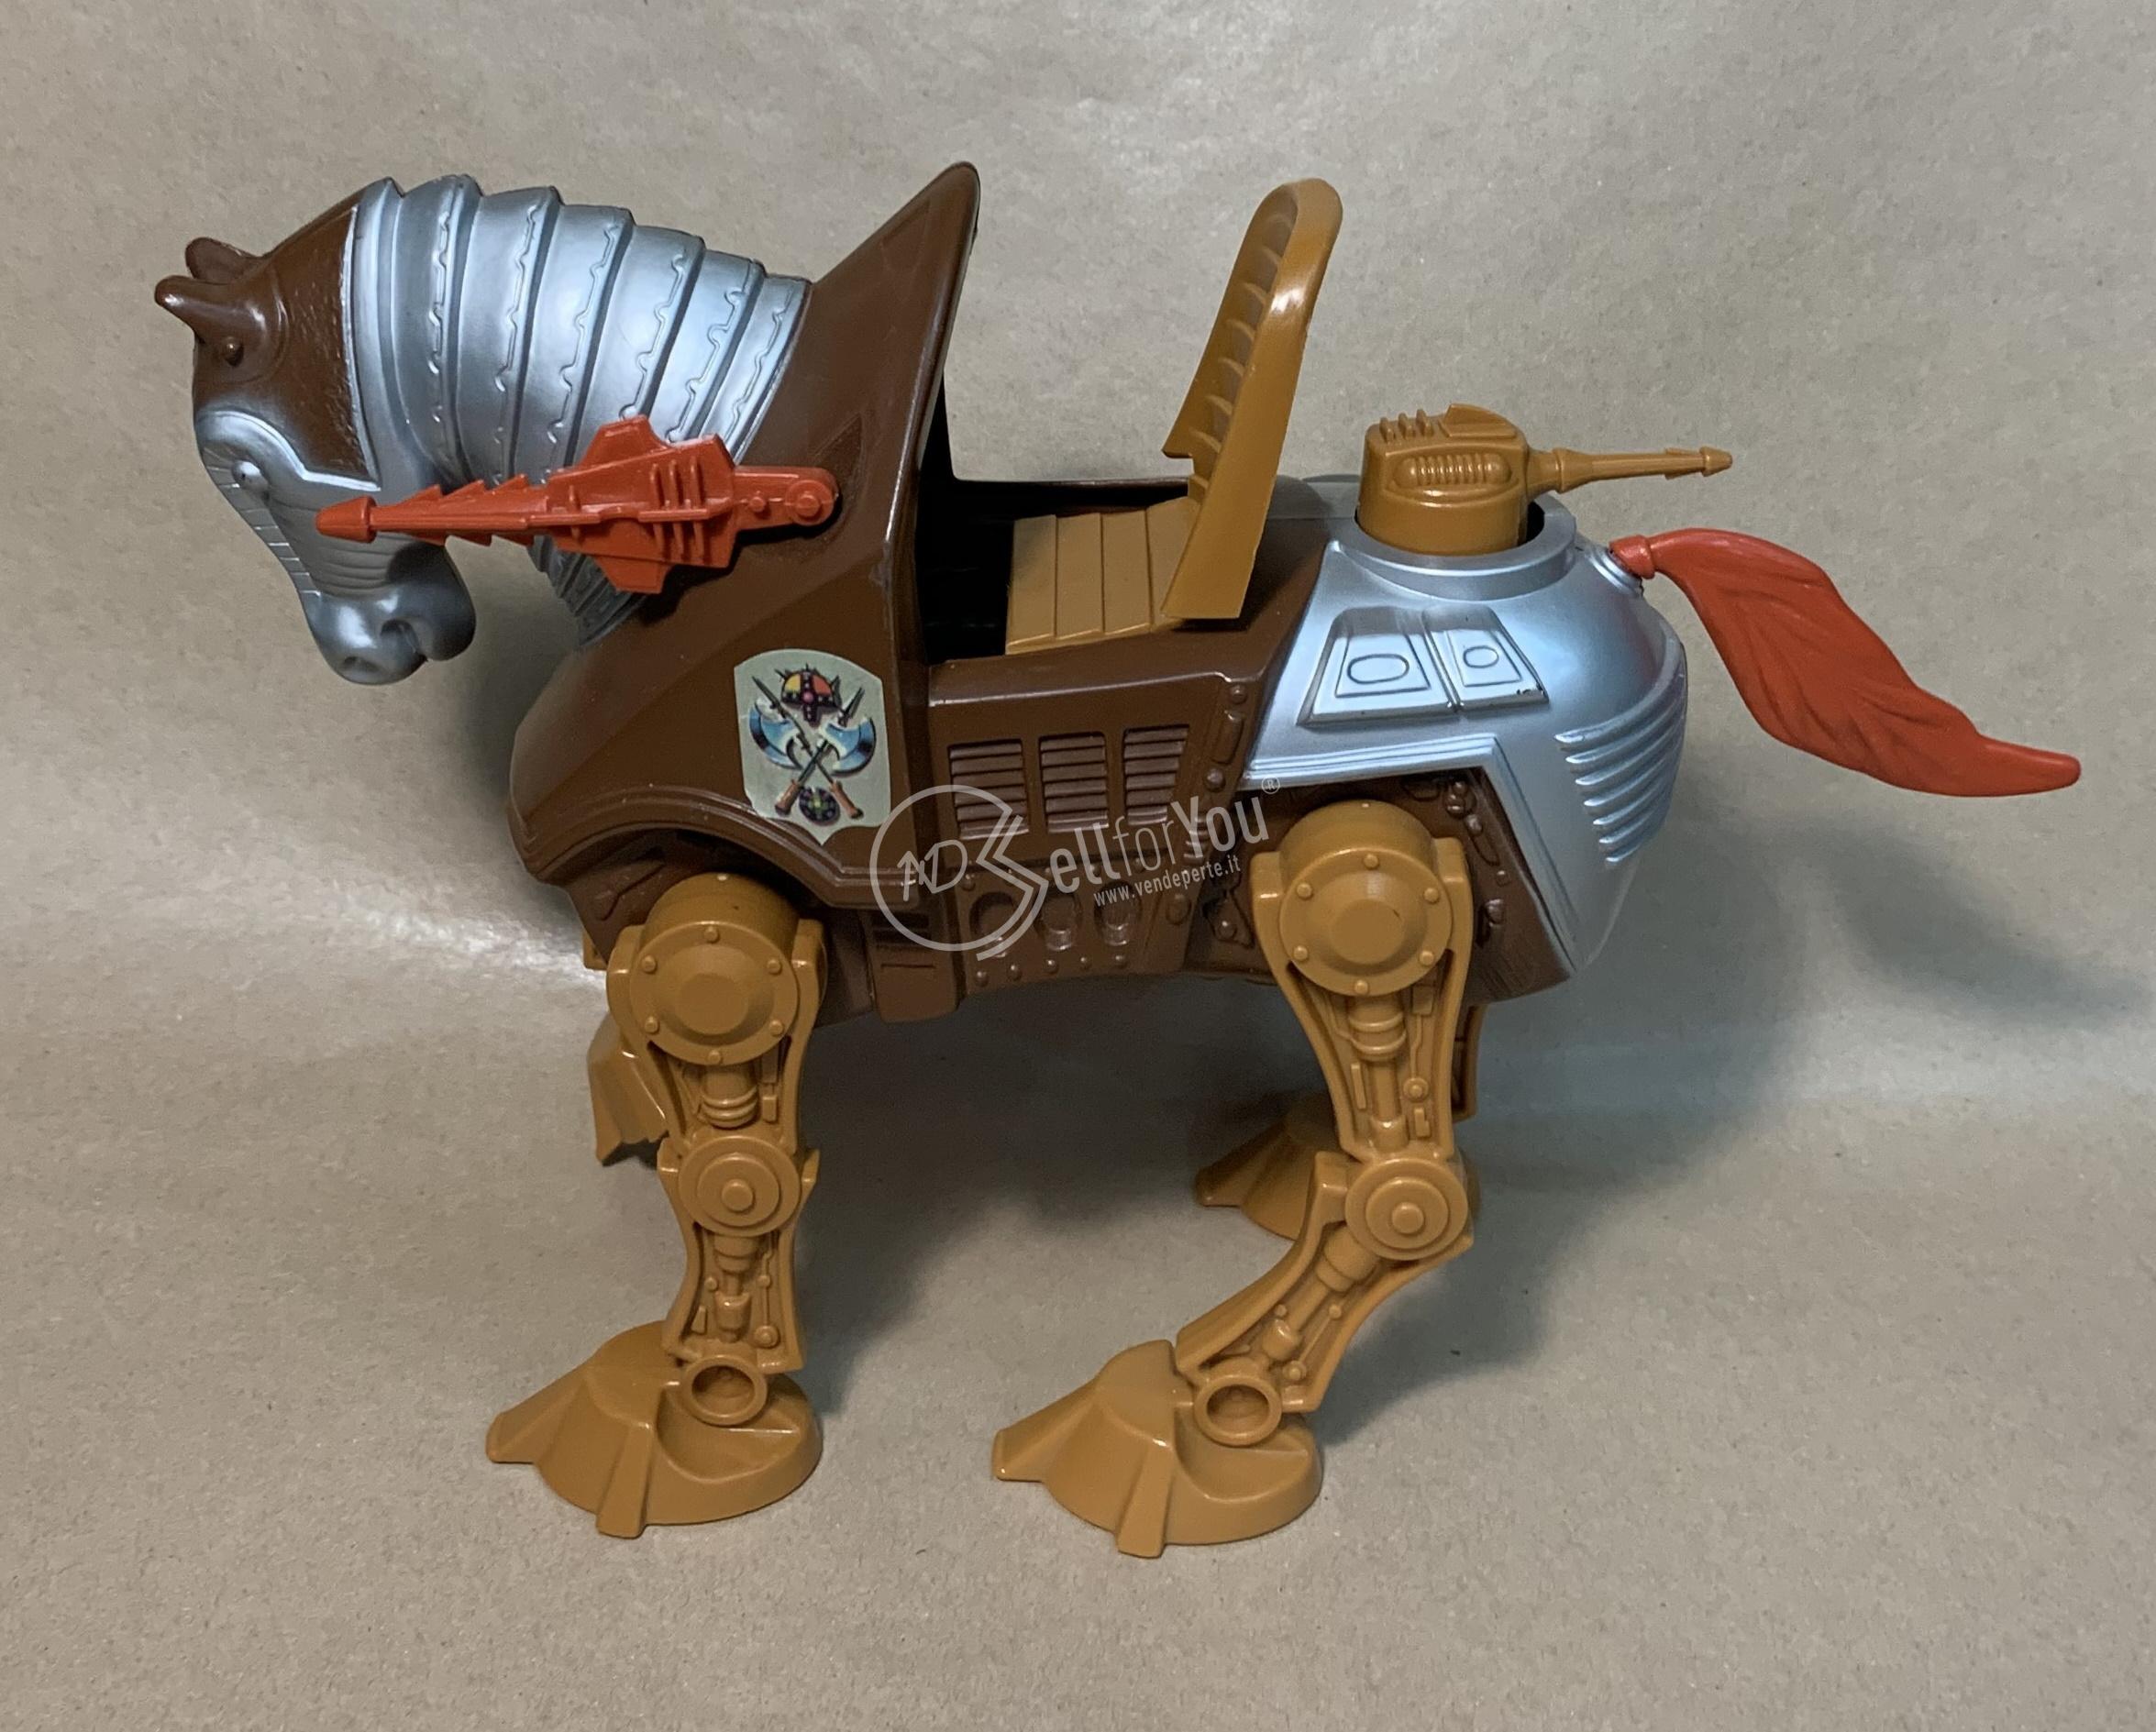 sellforyou immagine default articolo correlato non trovatoMasters of Universe Stridor cavallo 1983